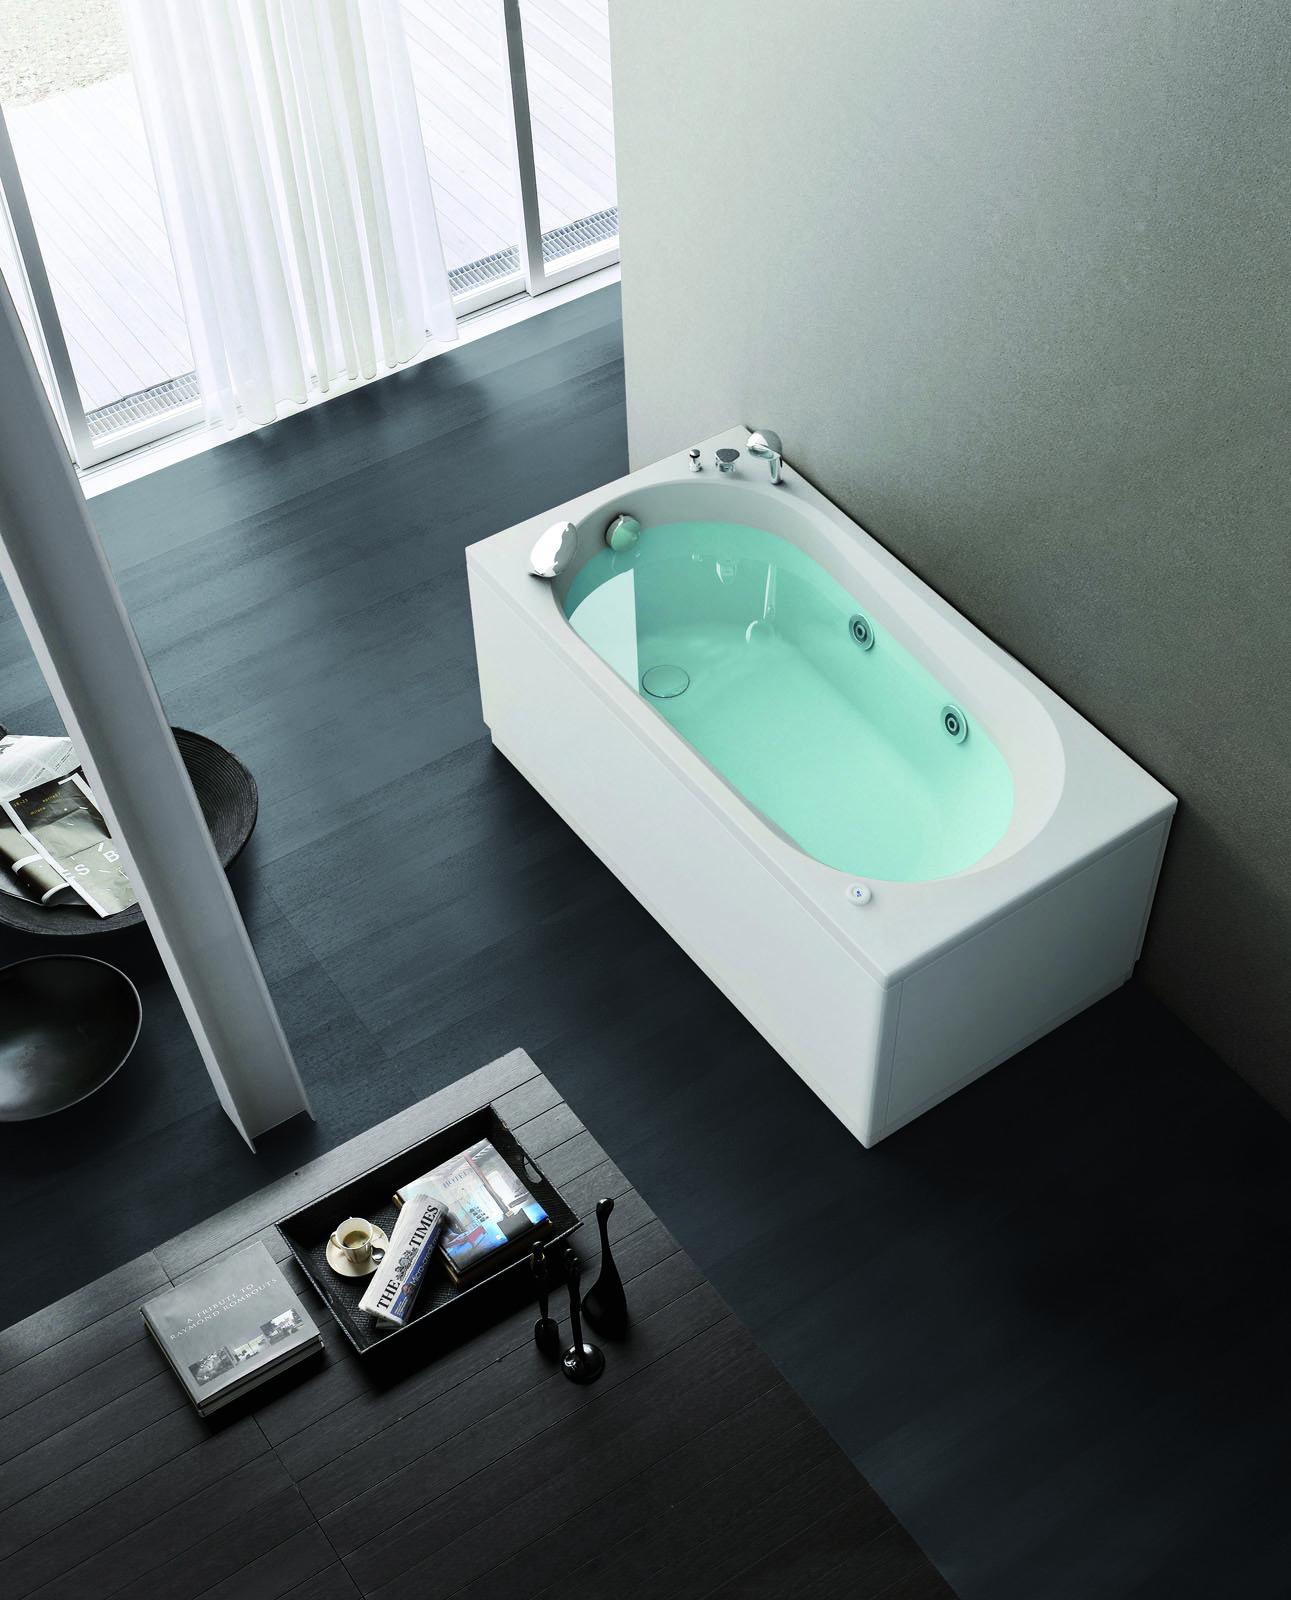 Vasca Da Bagno Lunga 120 Cm.Vasche Da Bagno Piccole Cose Di Casa